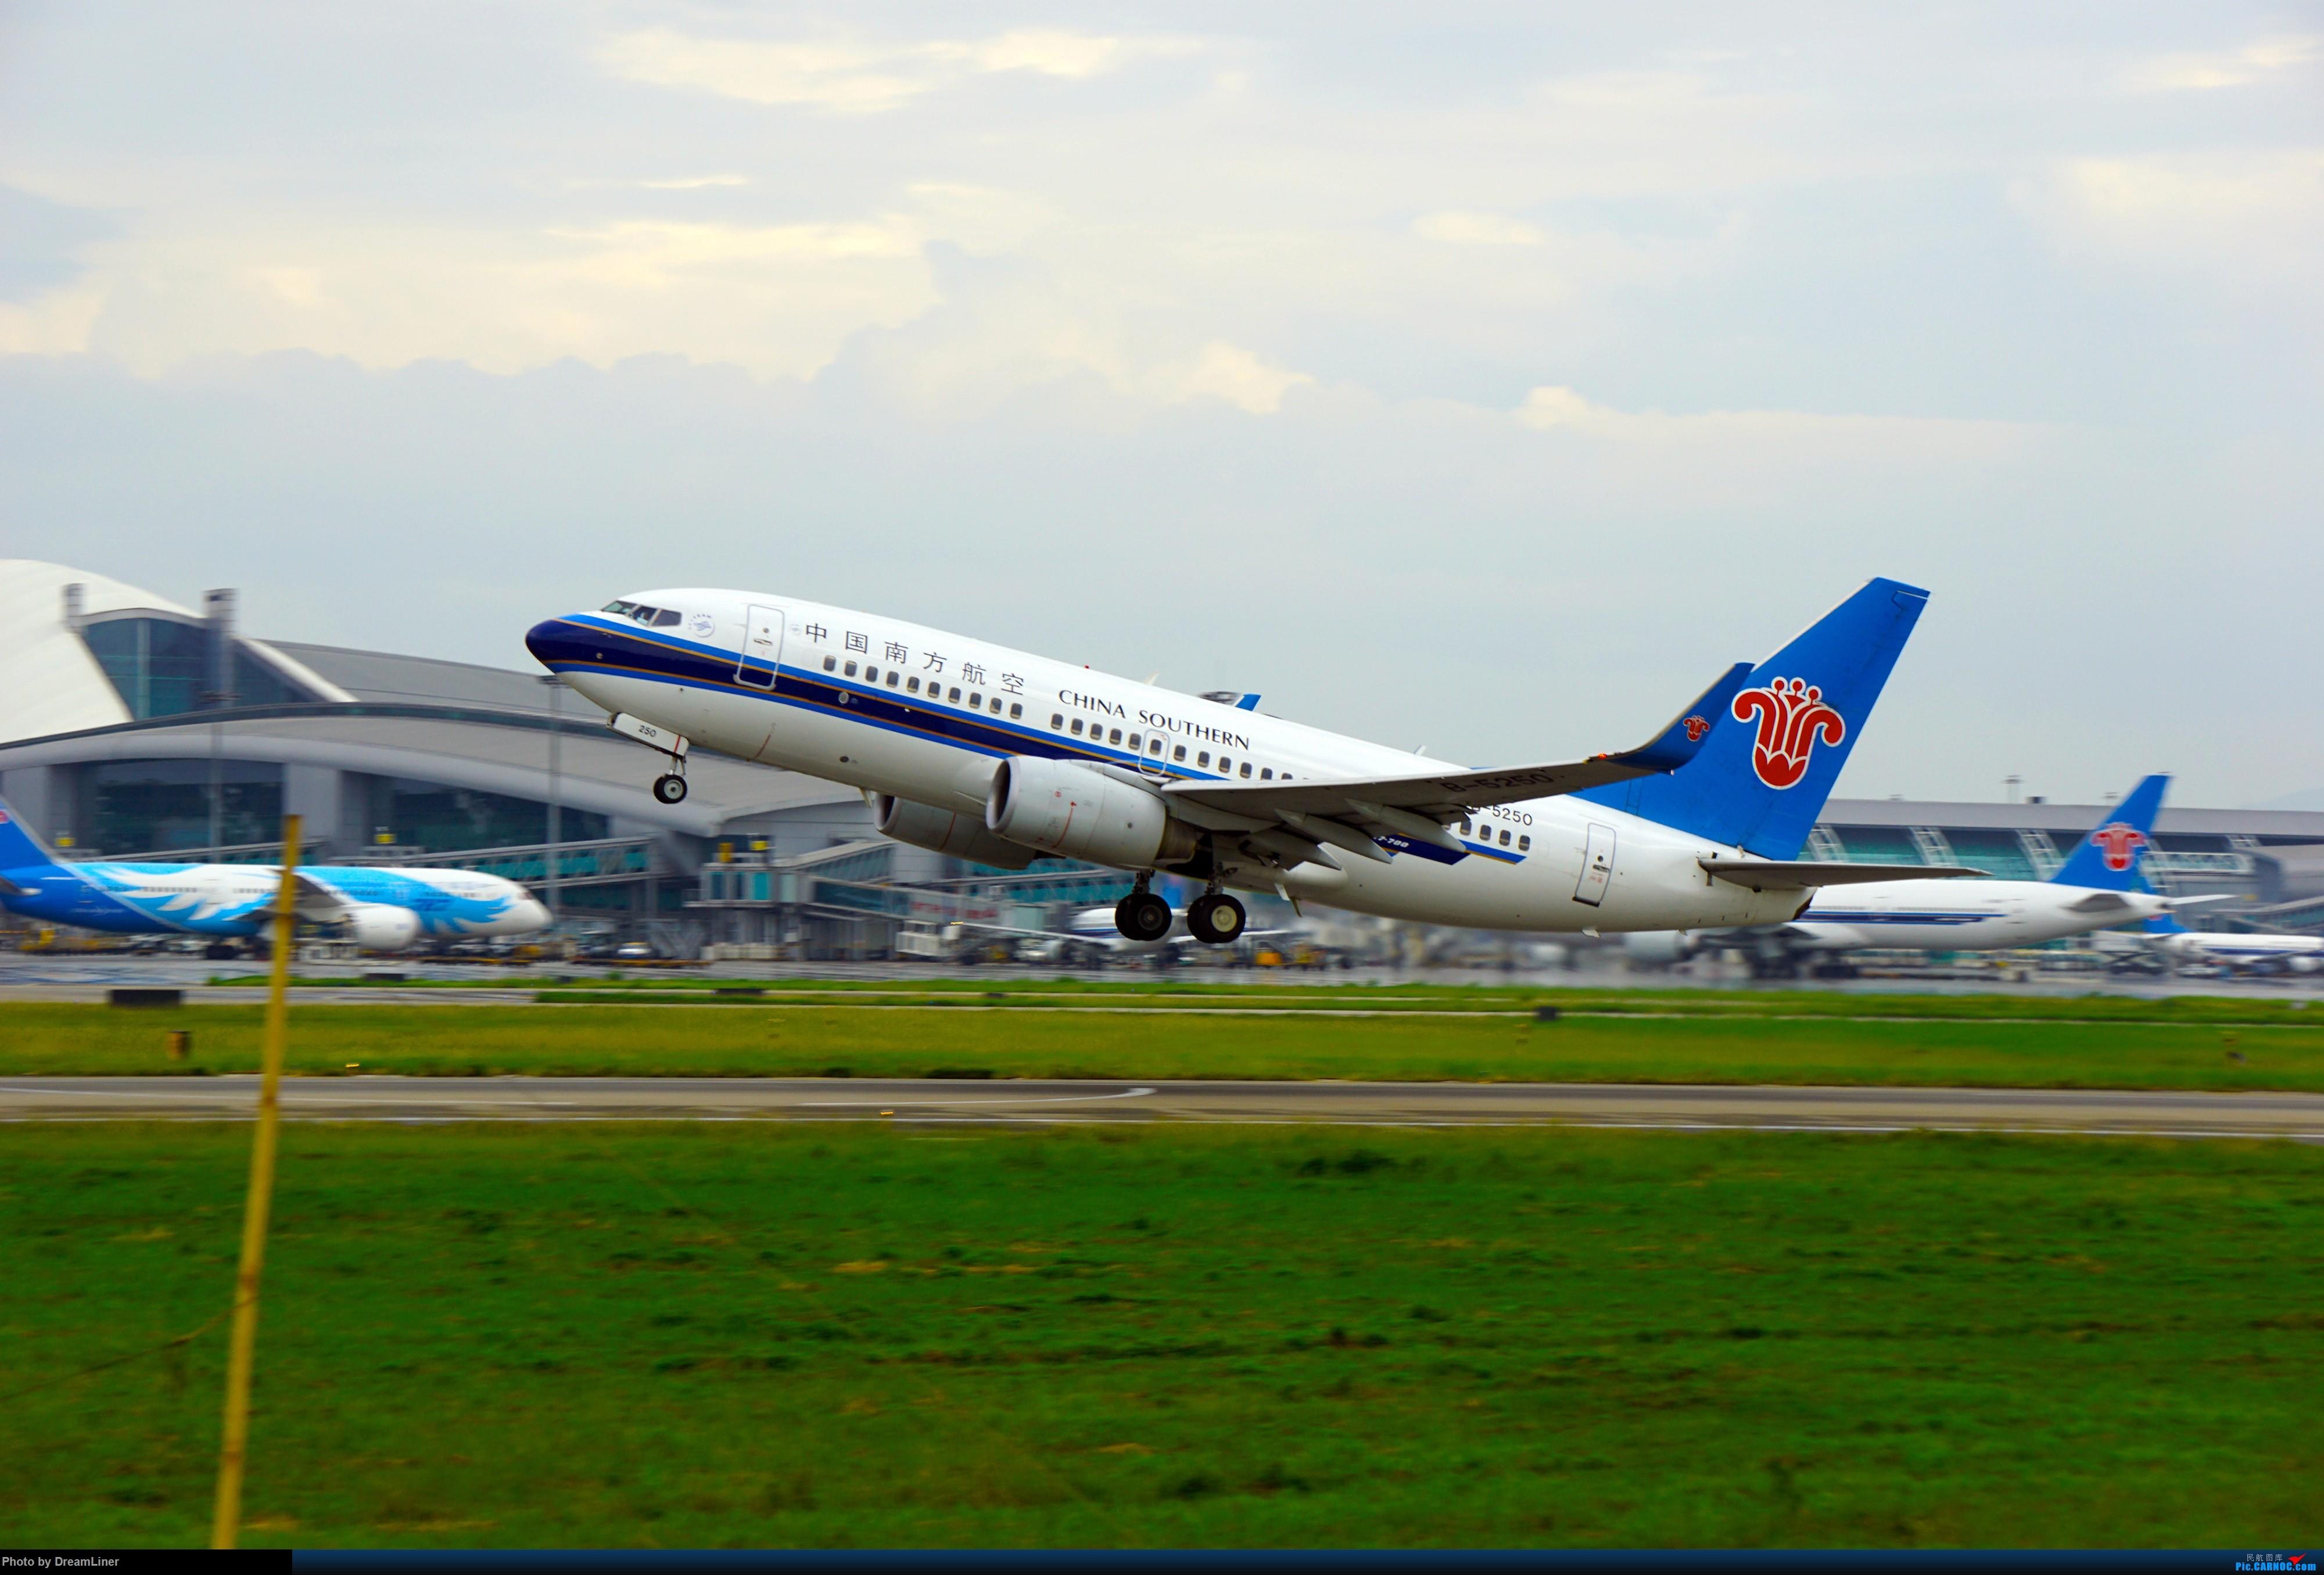 Re:[原创]2016.10.3 白云机场明星村、团结村拍机(部分修图) BOEING 737-700 B-5250 中国广州白云国际机场